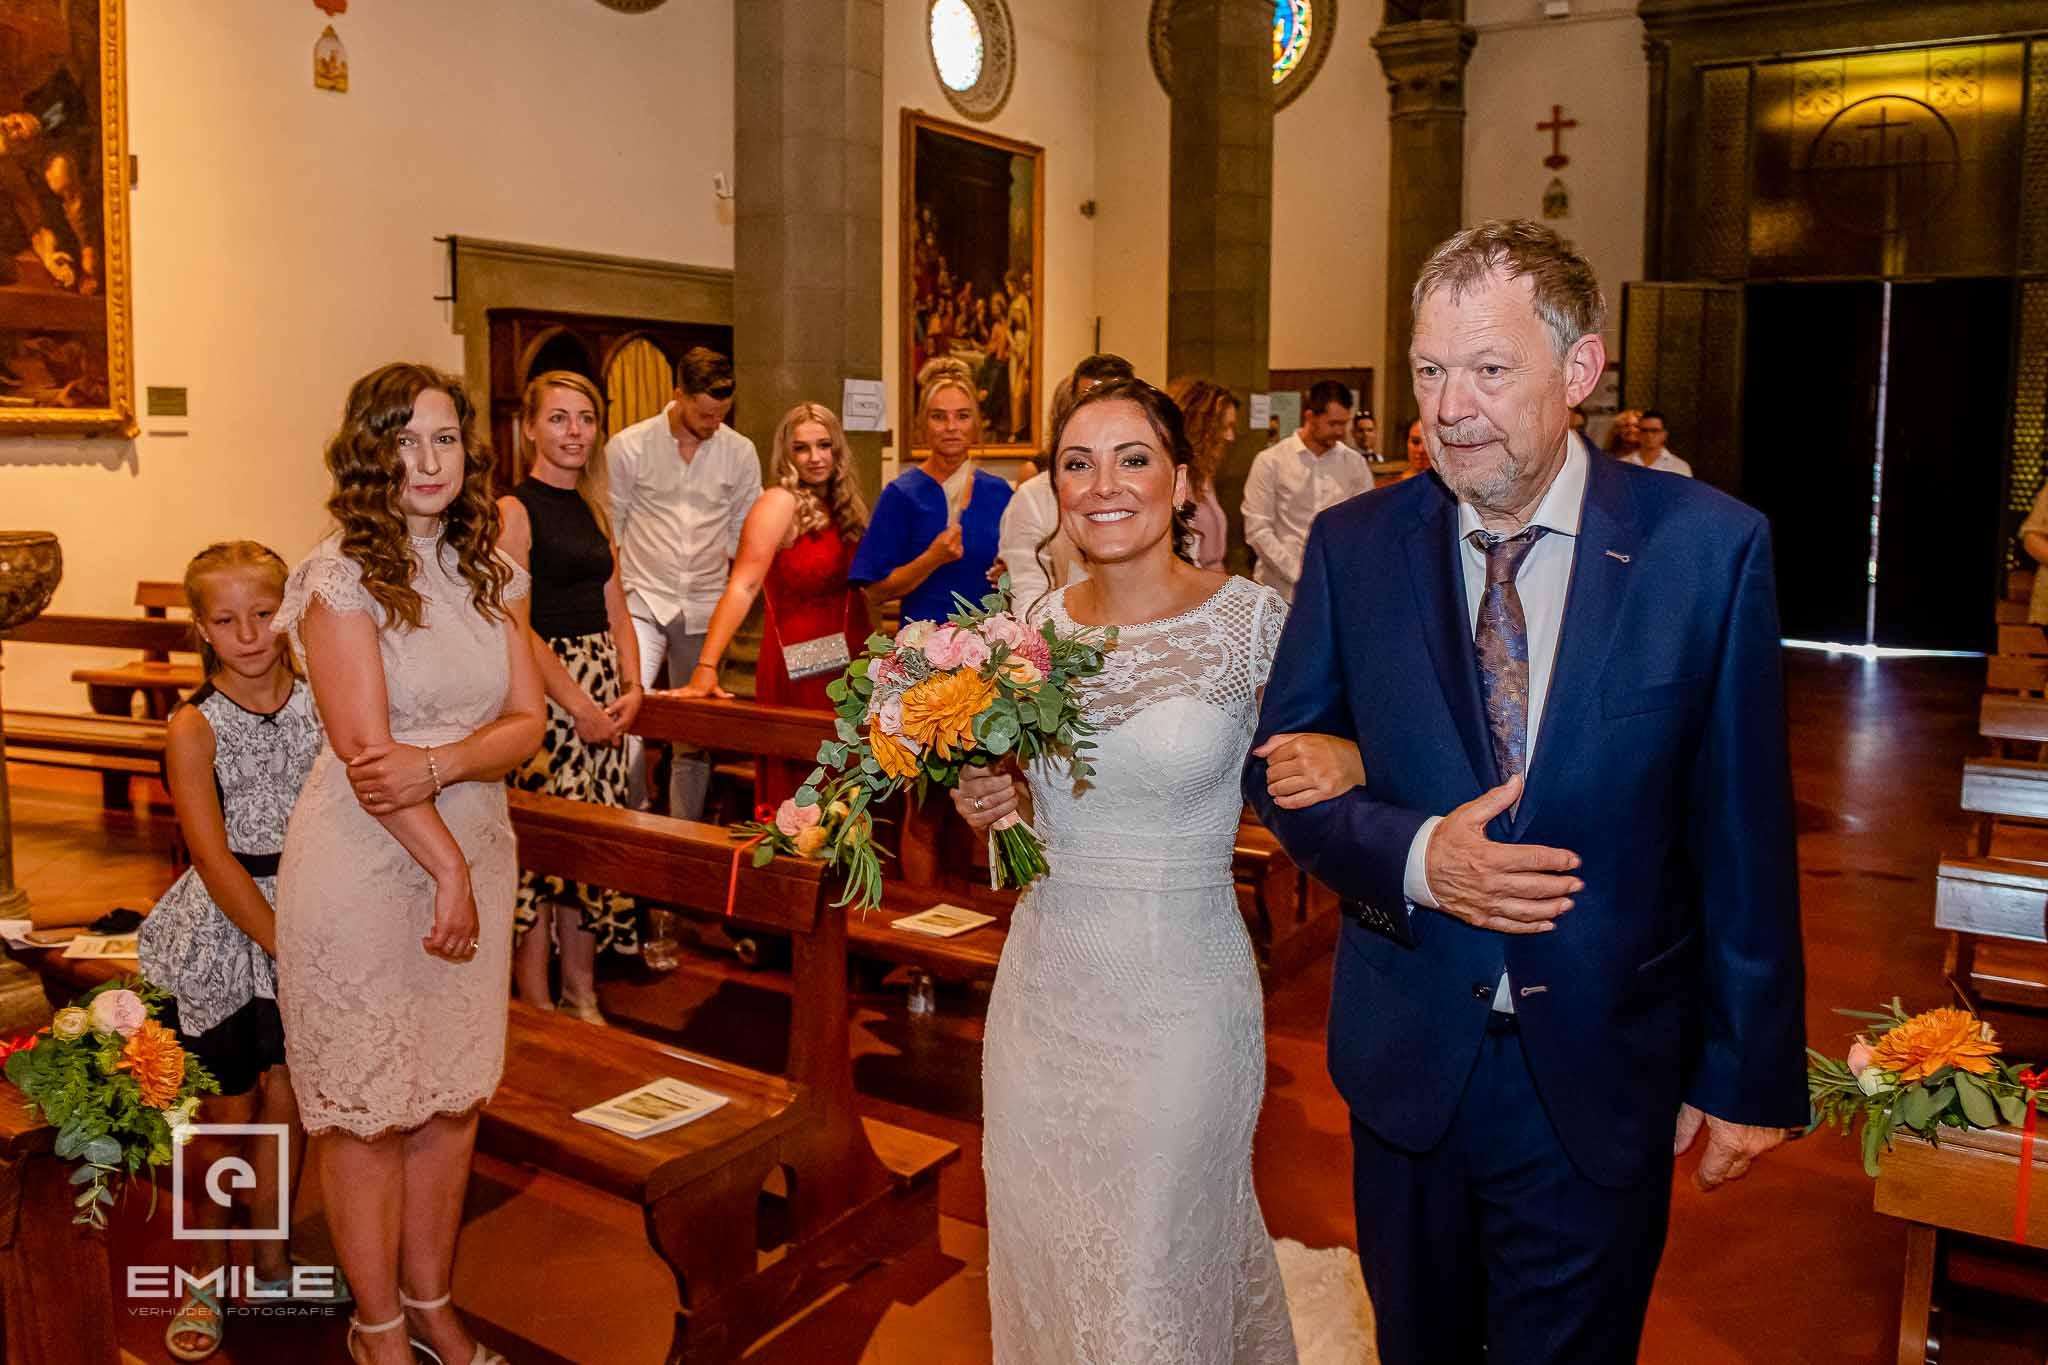 Bruid wordt door de vader naar het altaar gebracht - Destination wedding San Gimignano - Toscane Italie - Iris en Job